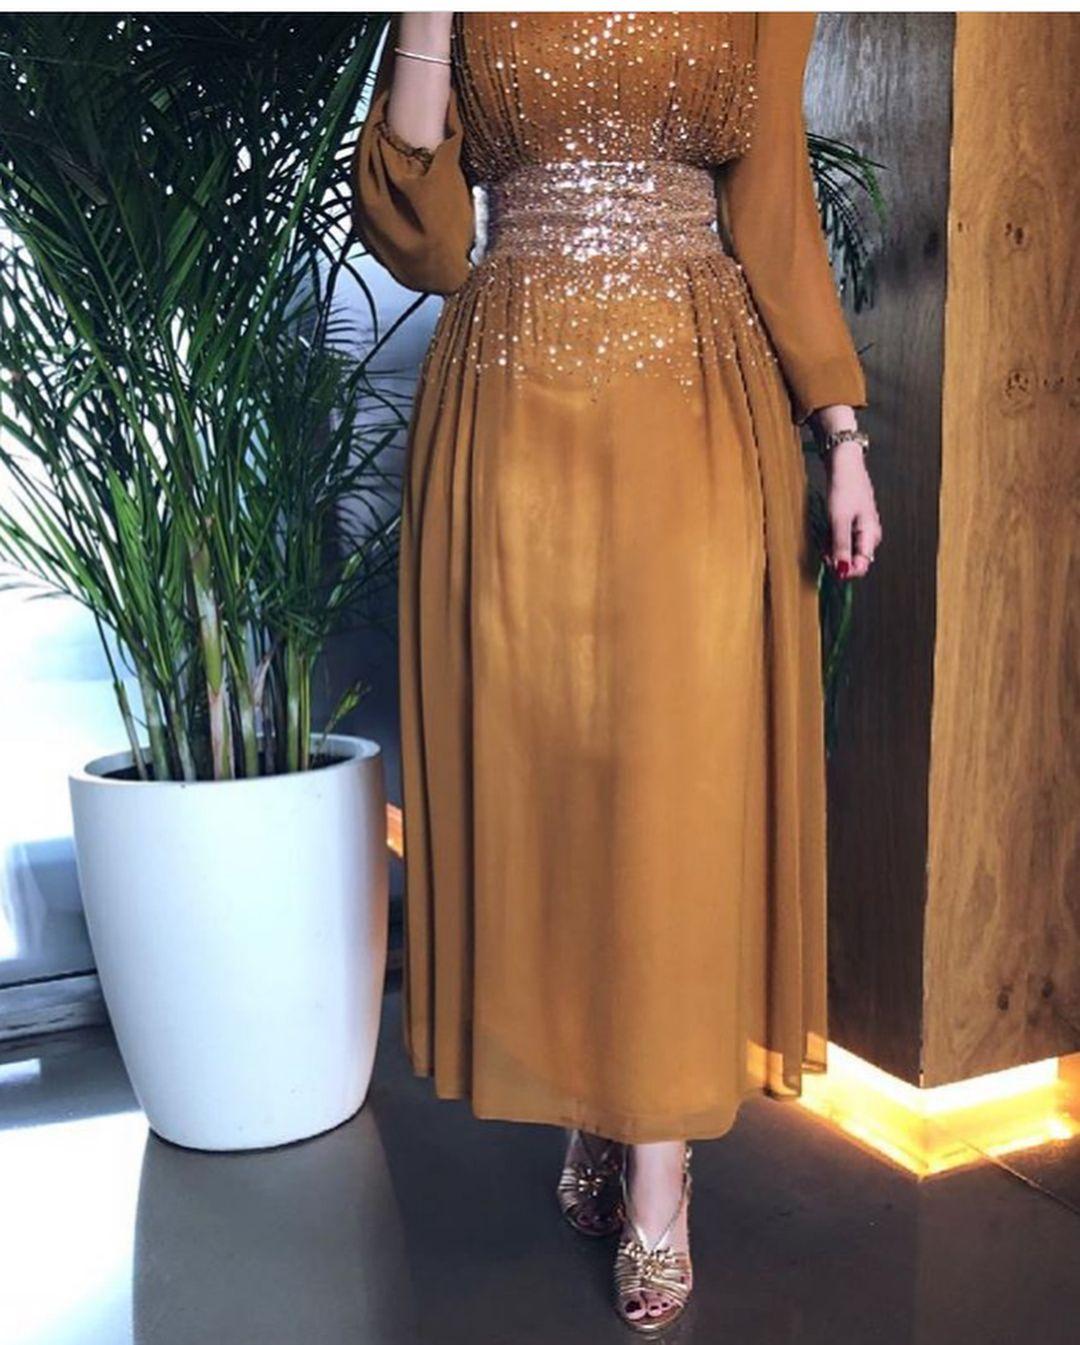 ماشاء الله تبارك الله هالأنسانه لو تلبس خيشه يطلع يهبل عليها كل قطعه تقول الزين عندي وش اكثر فستان عجبكم Soiree Dress Dresses Hijab Dress Party